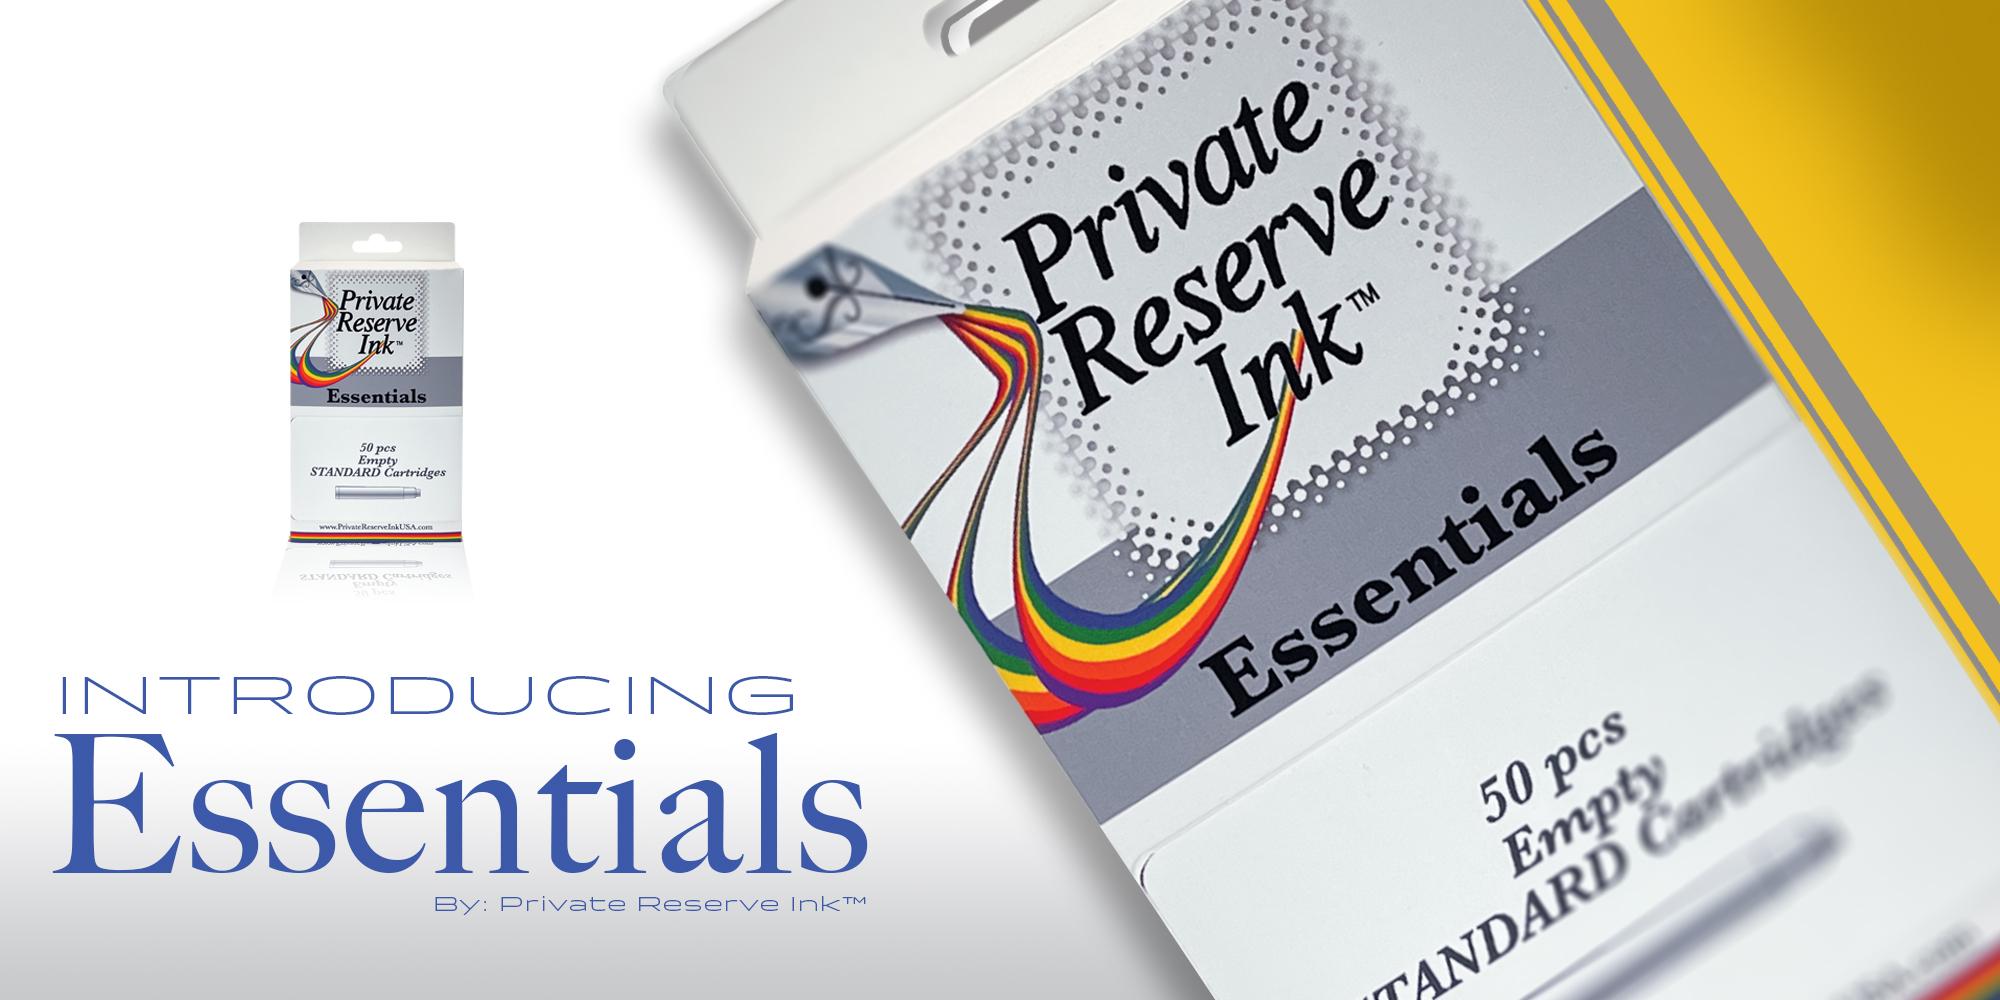 pr-essential-banner.jpg